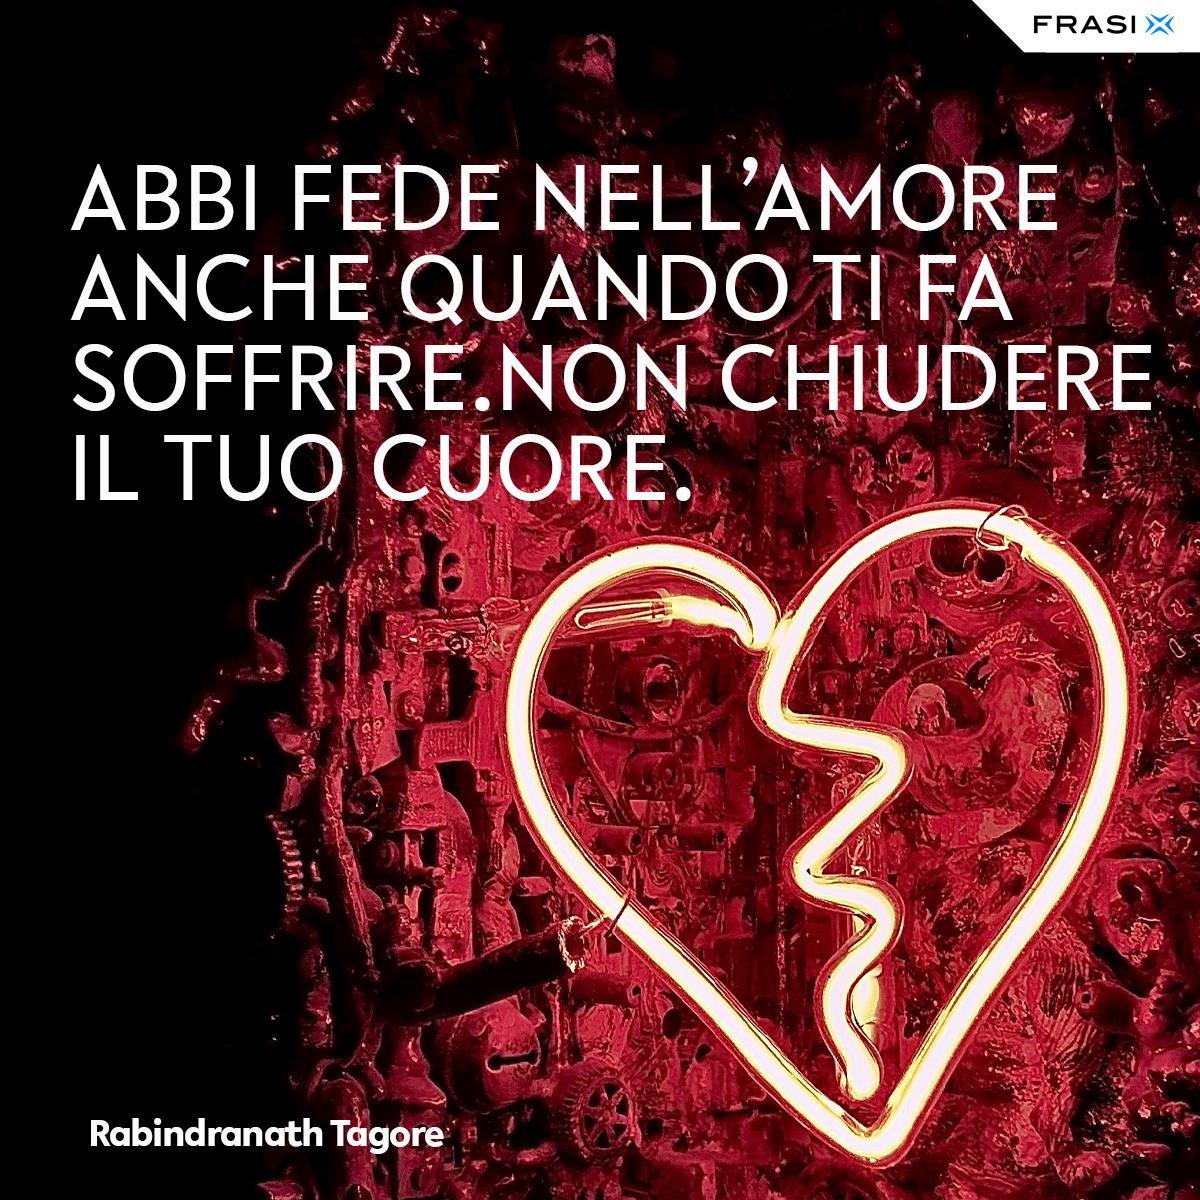 Aforismi amore impossibile Rabindranath Tagore